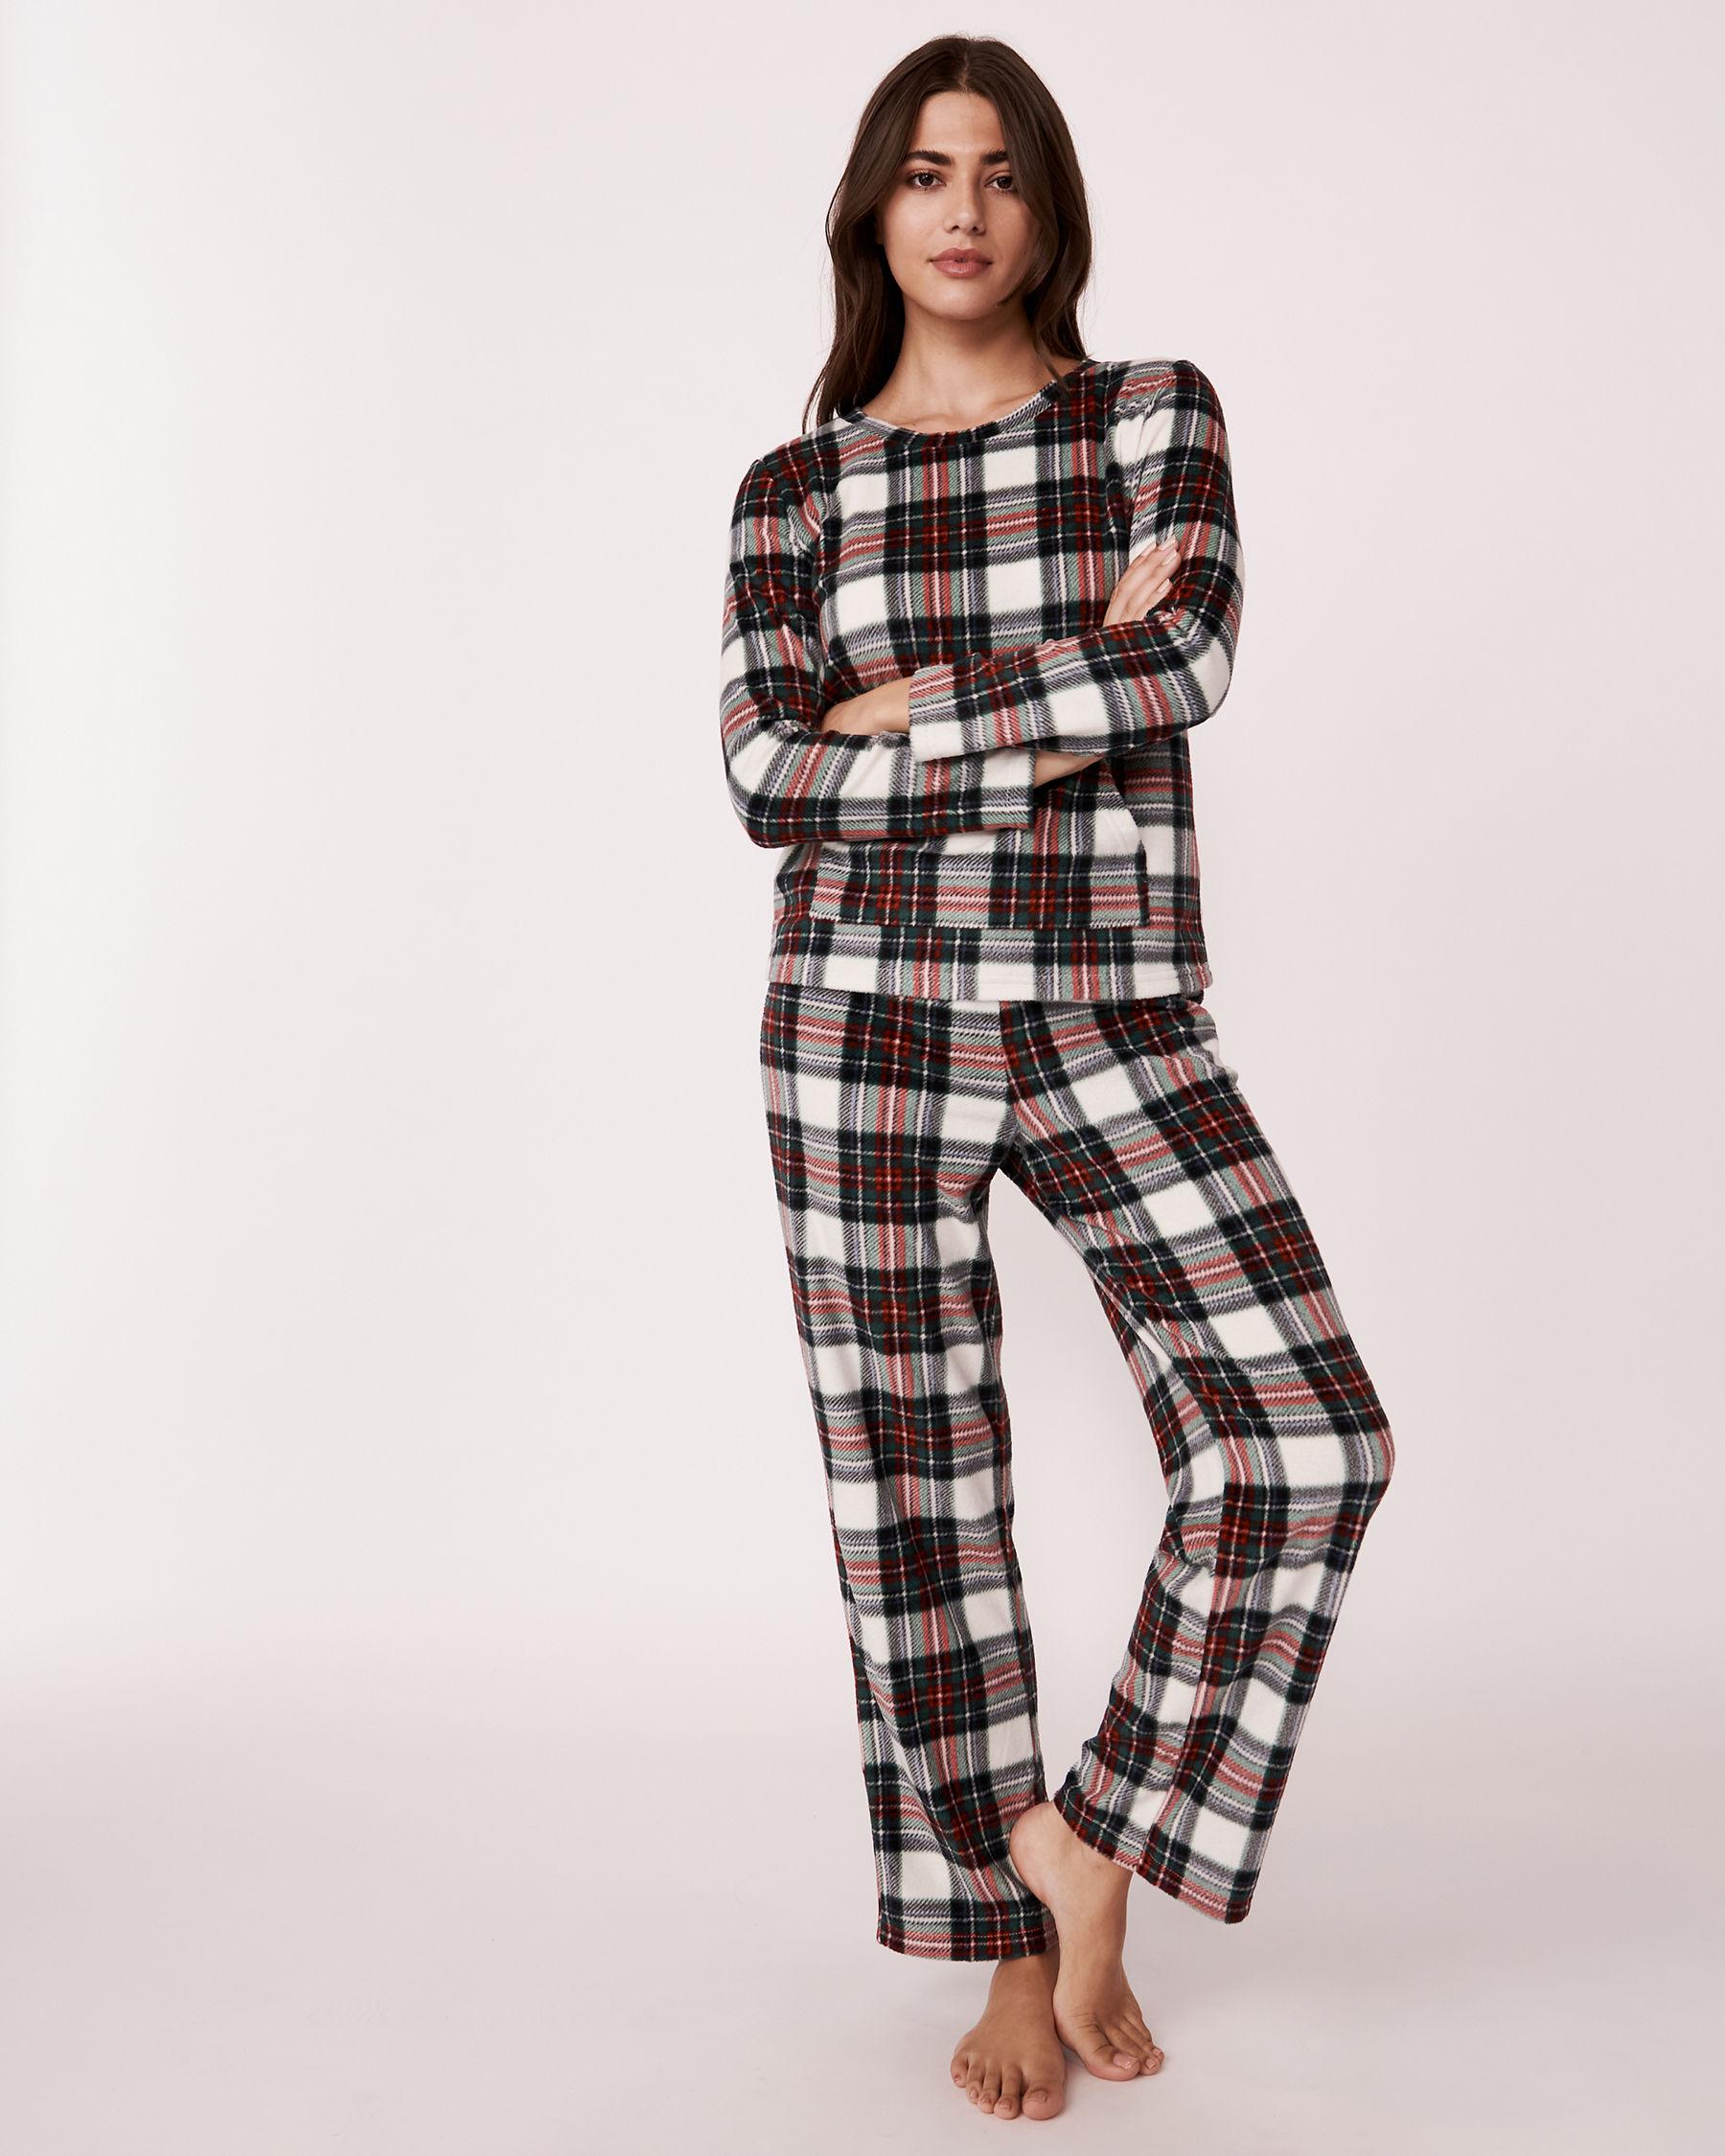 LA VIE EN ROSE Ensemble pyjama en micropolaire Tartan blanc 263-310-0-09 - Voir3